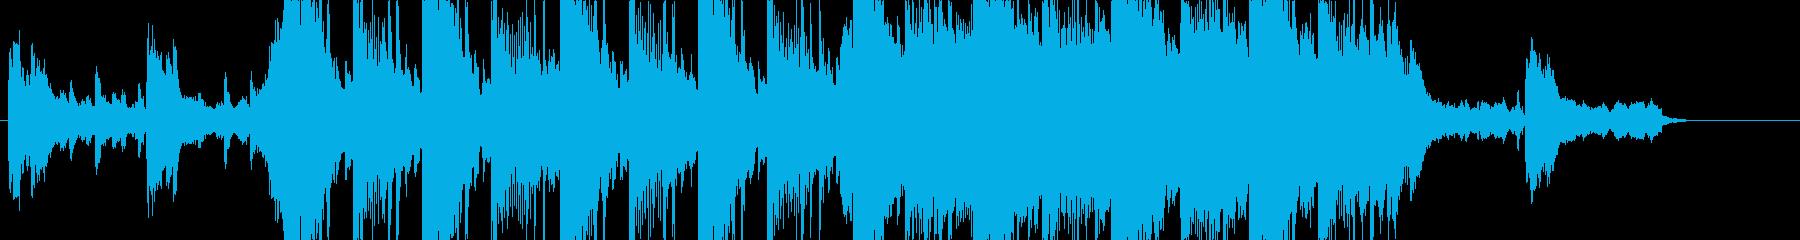 壮大で何かが始まりそうな楽曲の再生済みの波形